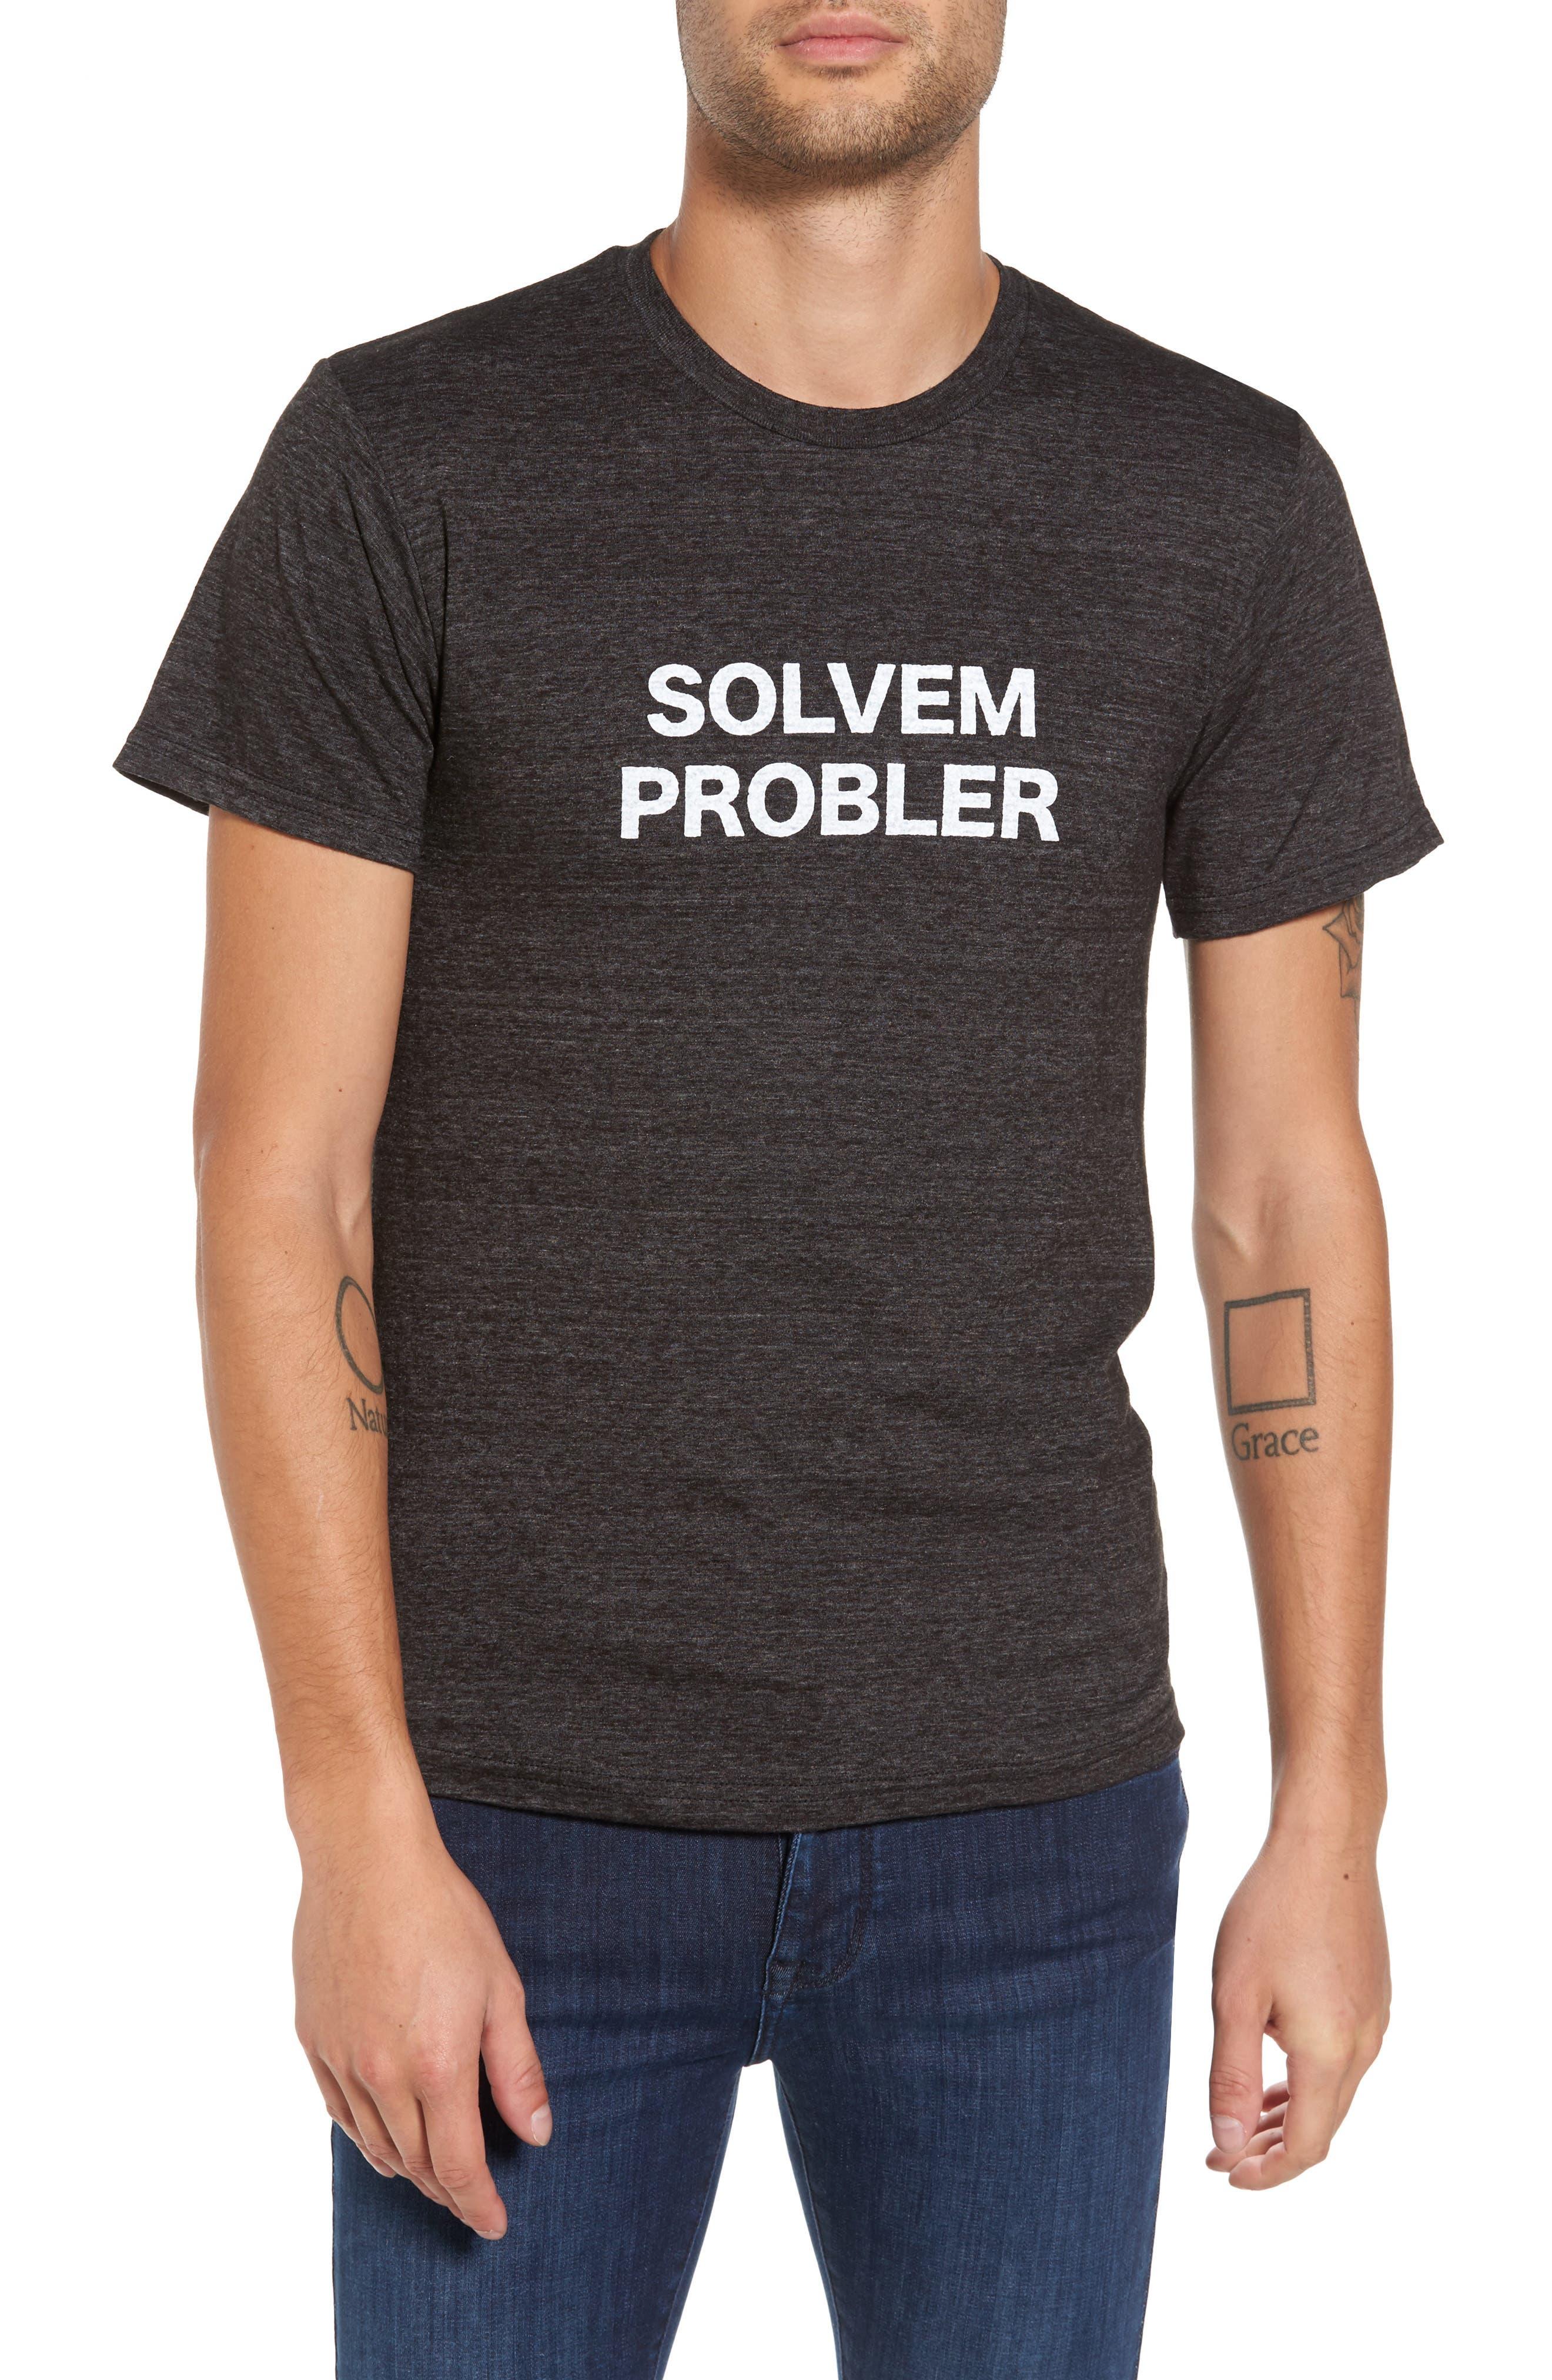 ALTRU,                             Solvem Probler Graphic T-Shirt,                             Main thumbnail 1, color,                             020